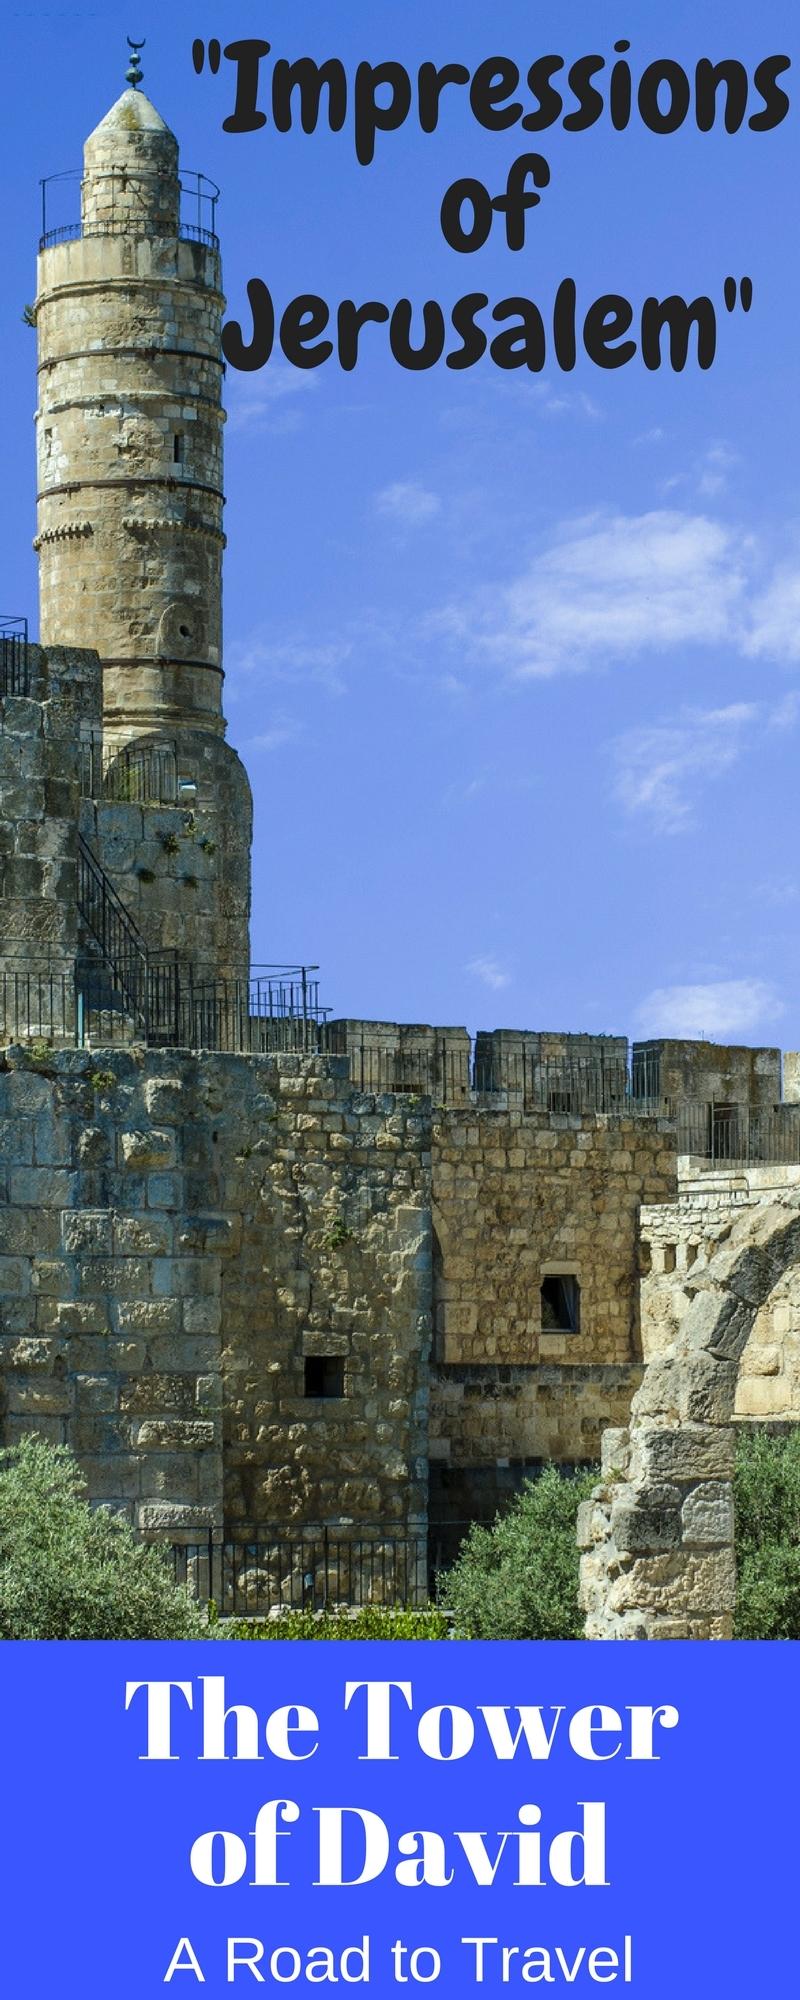 Impressions of Jerusalem | Visiting Israel | Middle East Recipes | Middle East Food | Middle East Rice | Middle East Dessert | Middle East Men | Travel | Middle East | Israel | Jerusalem | A Road to Travel.com